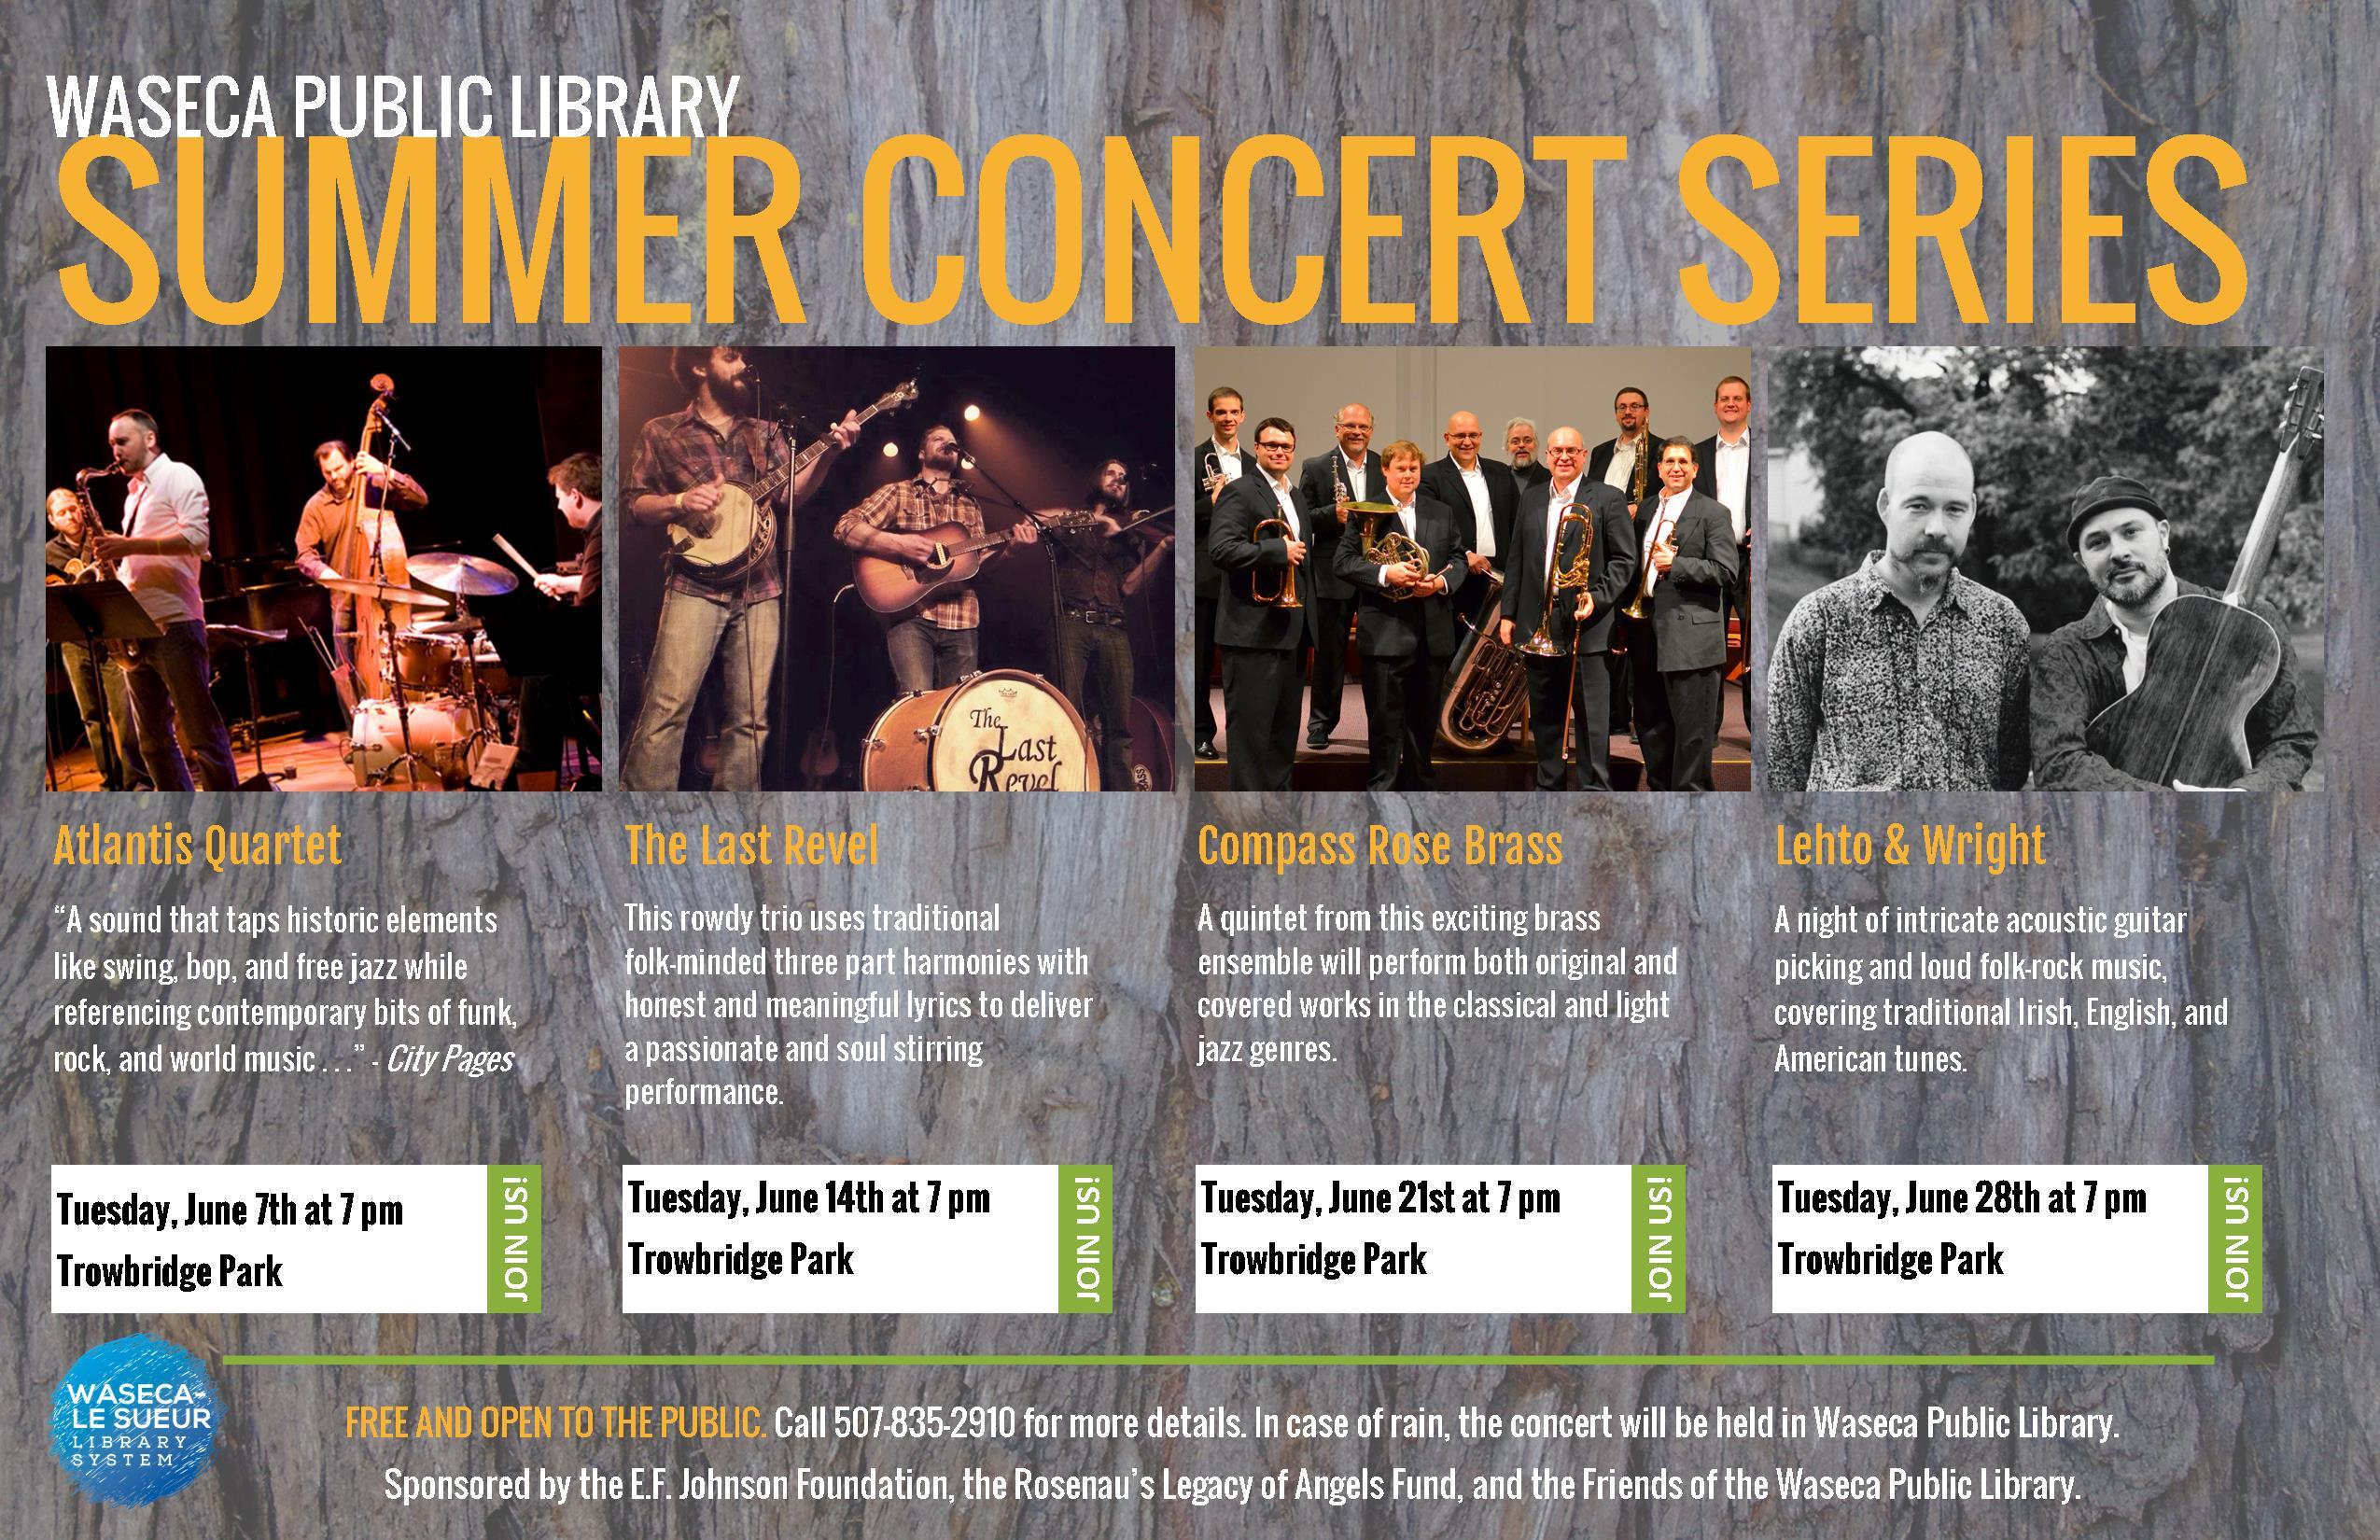 616 Summer Concert Series